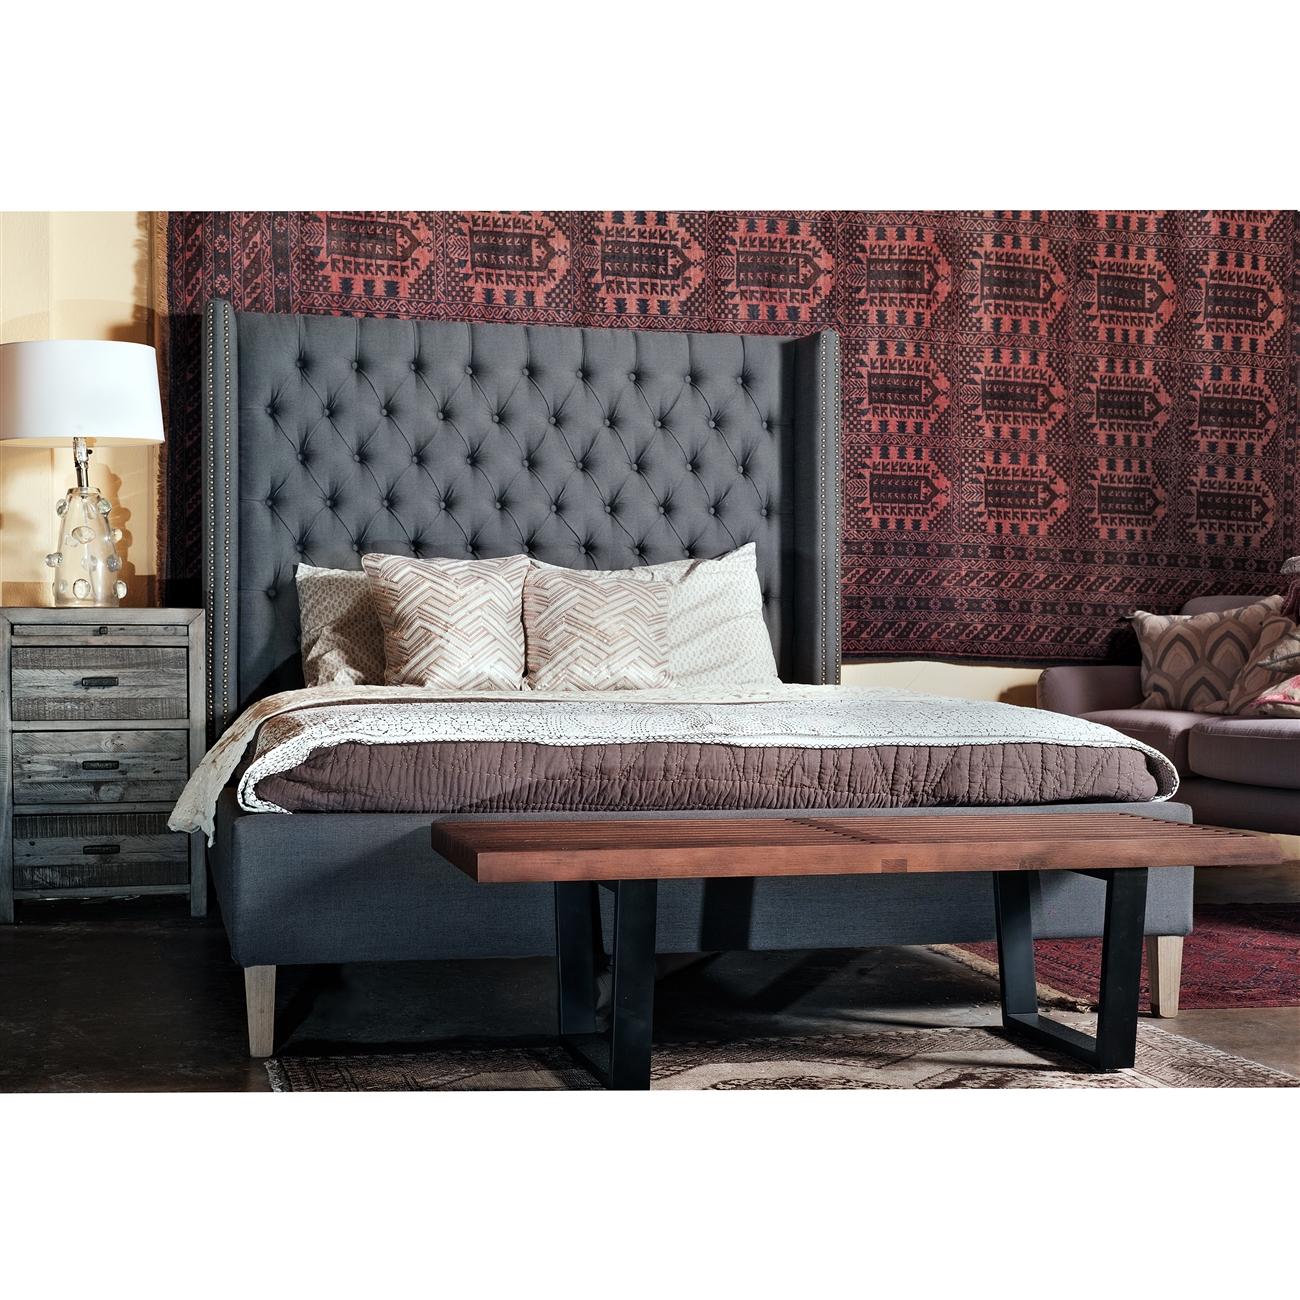 bd furniture and decor.htm ash upholstered queen bed  ash upholstered queen bed